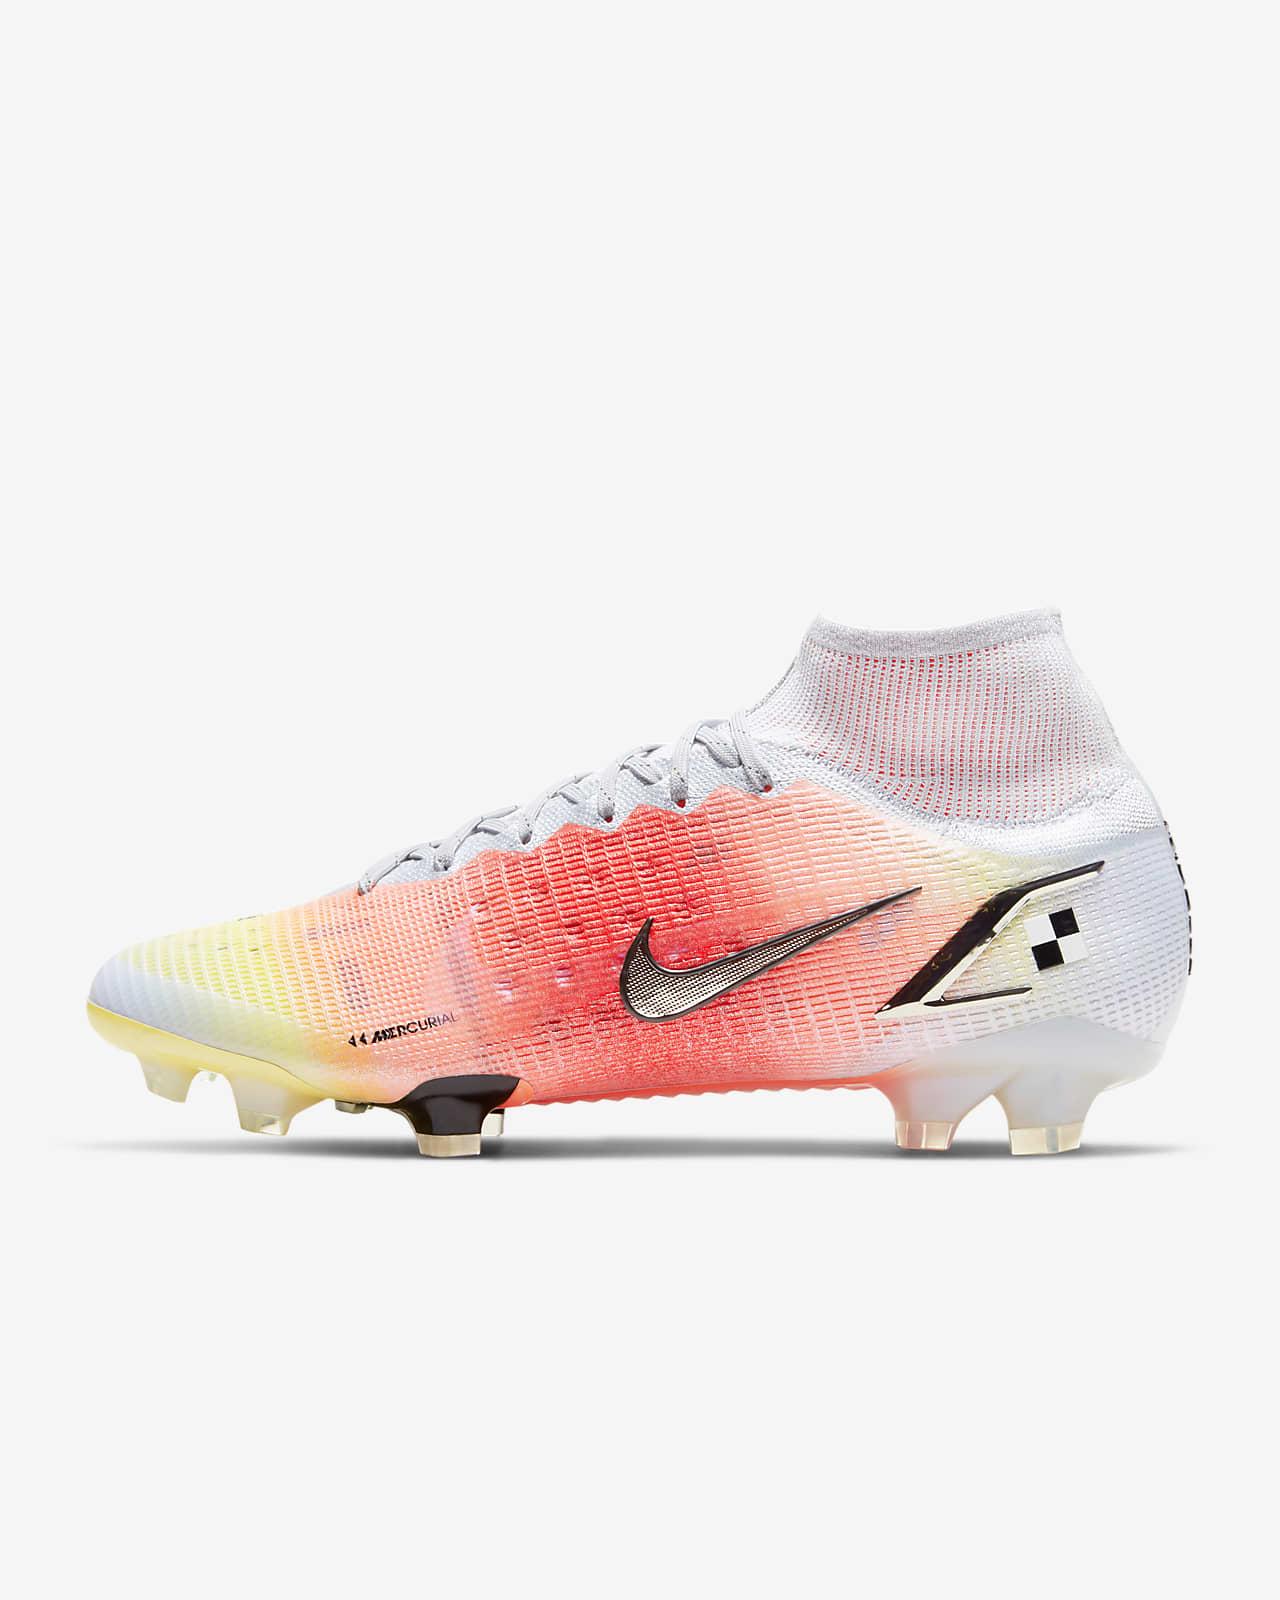 Nike Mercurial Dream Speed Superfly 8 Elite FG 天然偏硬草地足球釘鞋